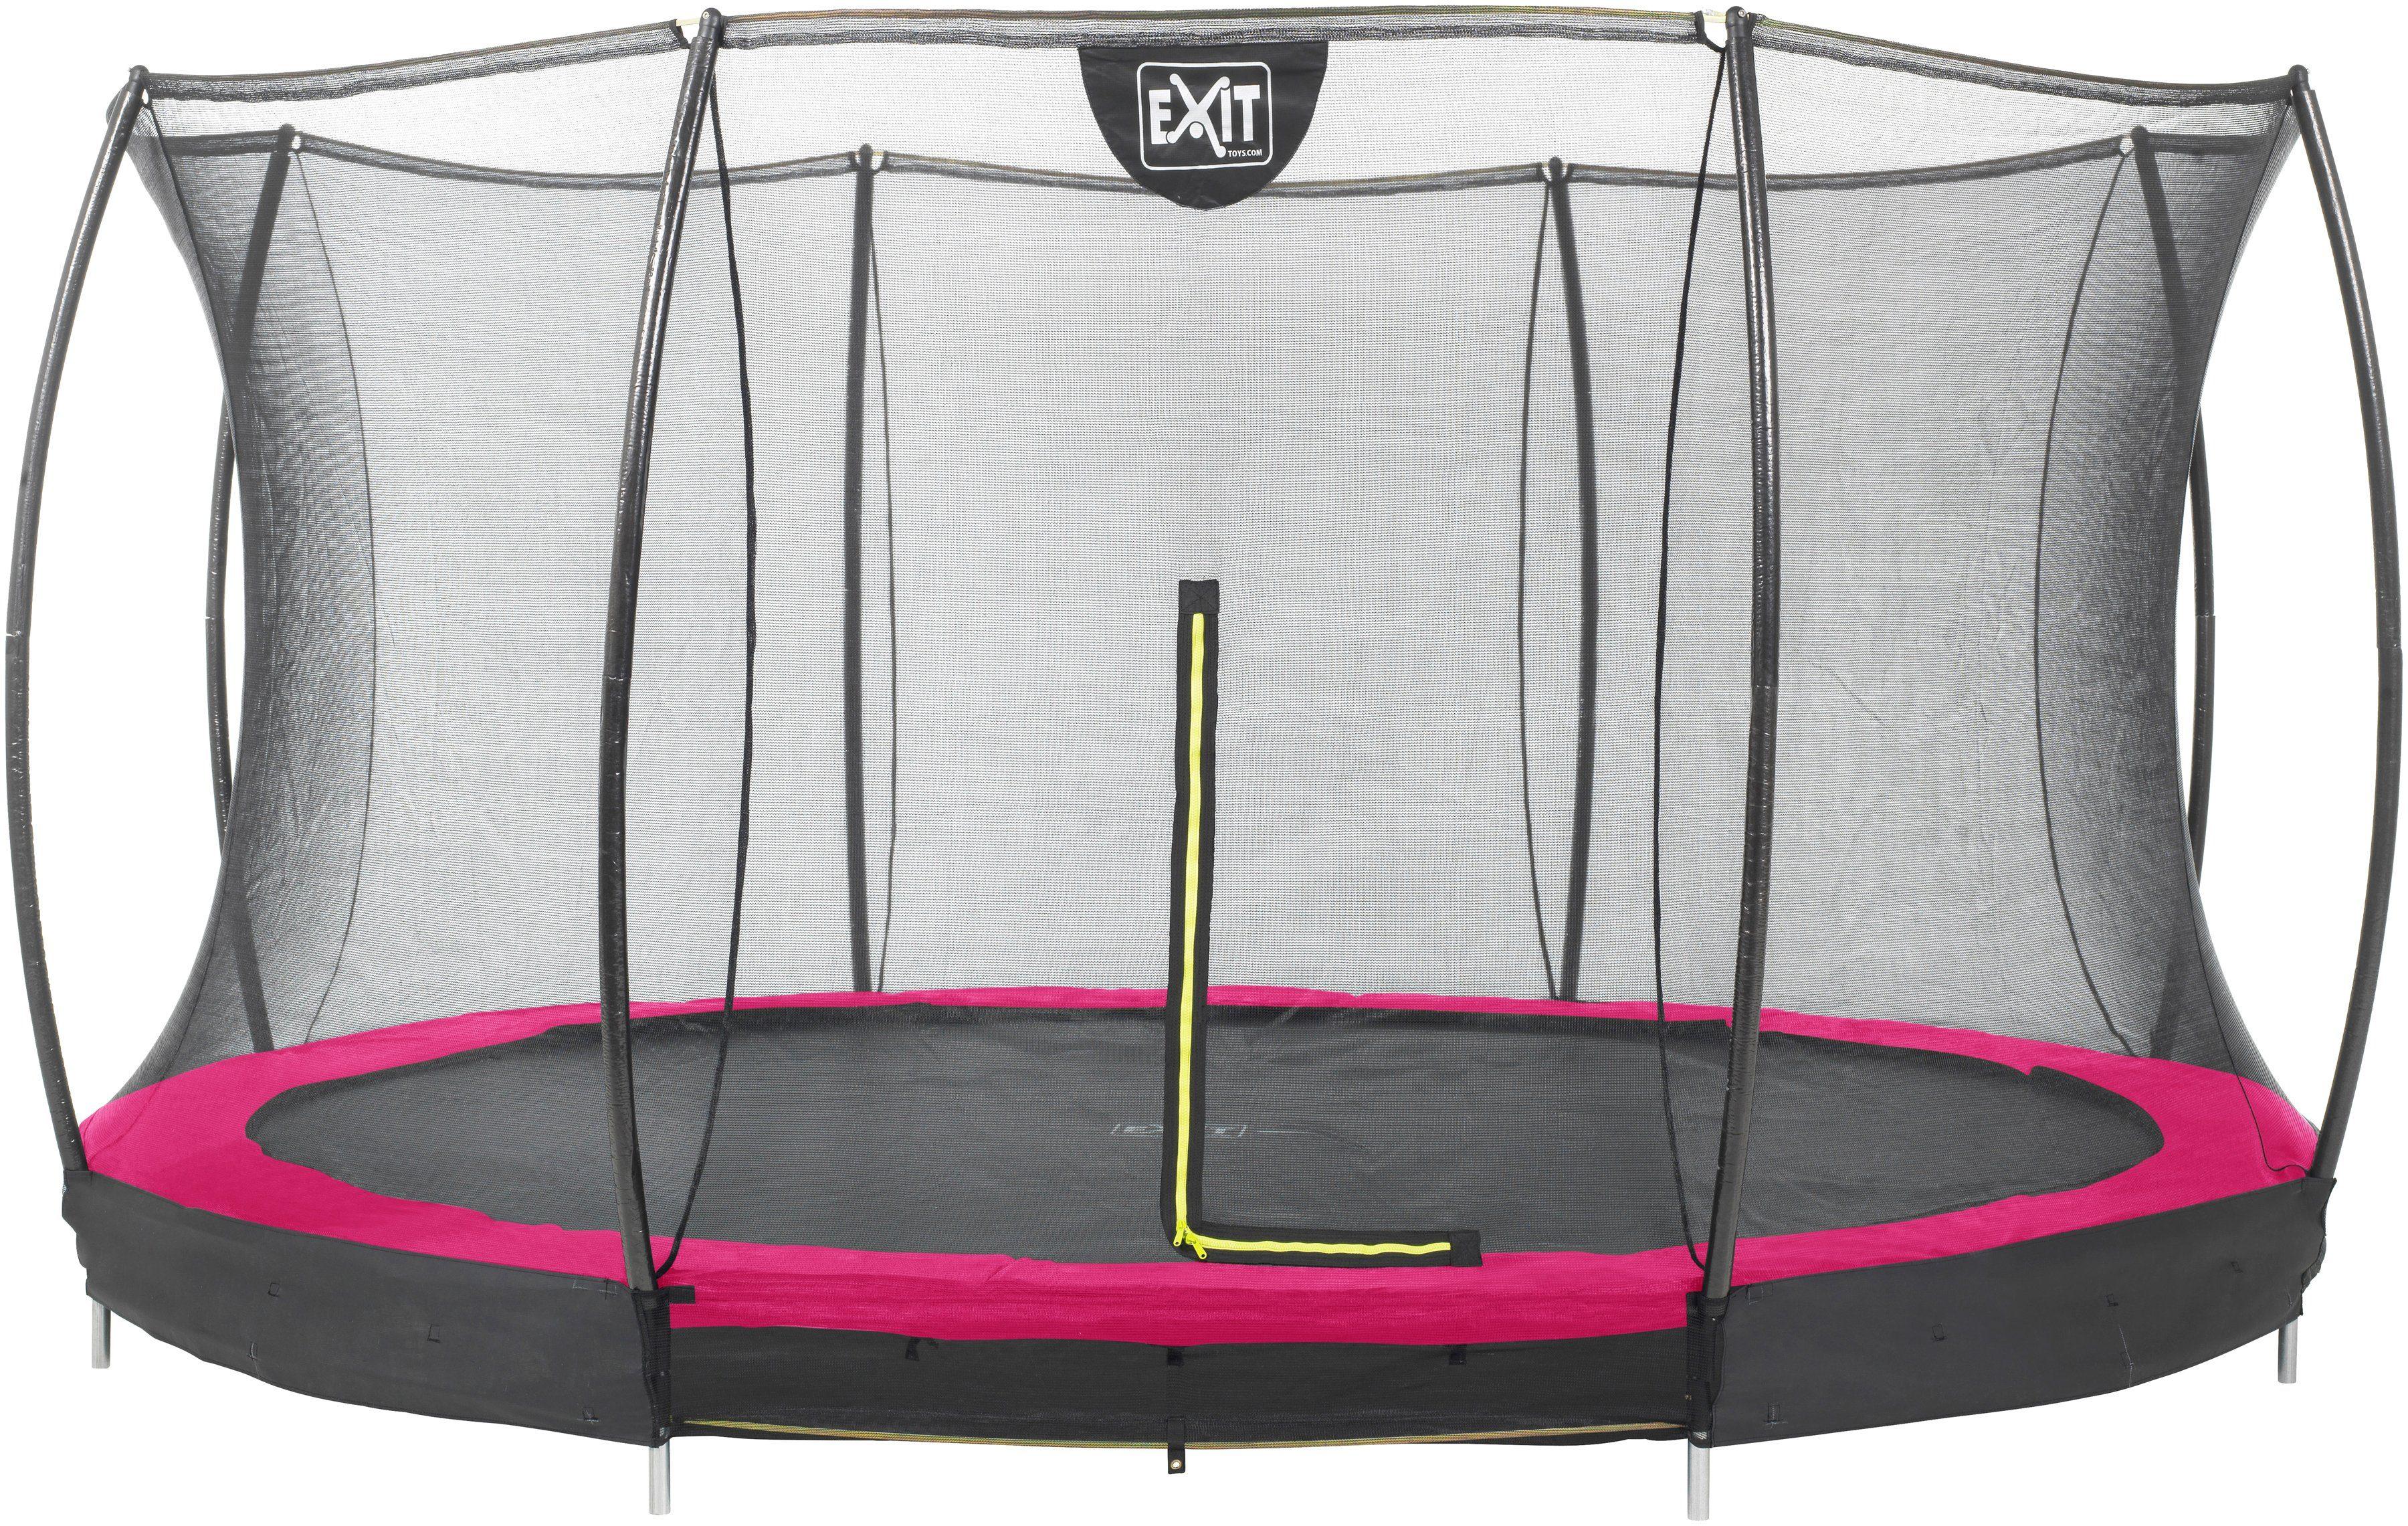 EXIT Trampolin »Silhouette Ground«, Ø 427 cm, mit Sicherheitsnetz rosa